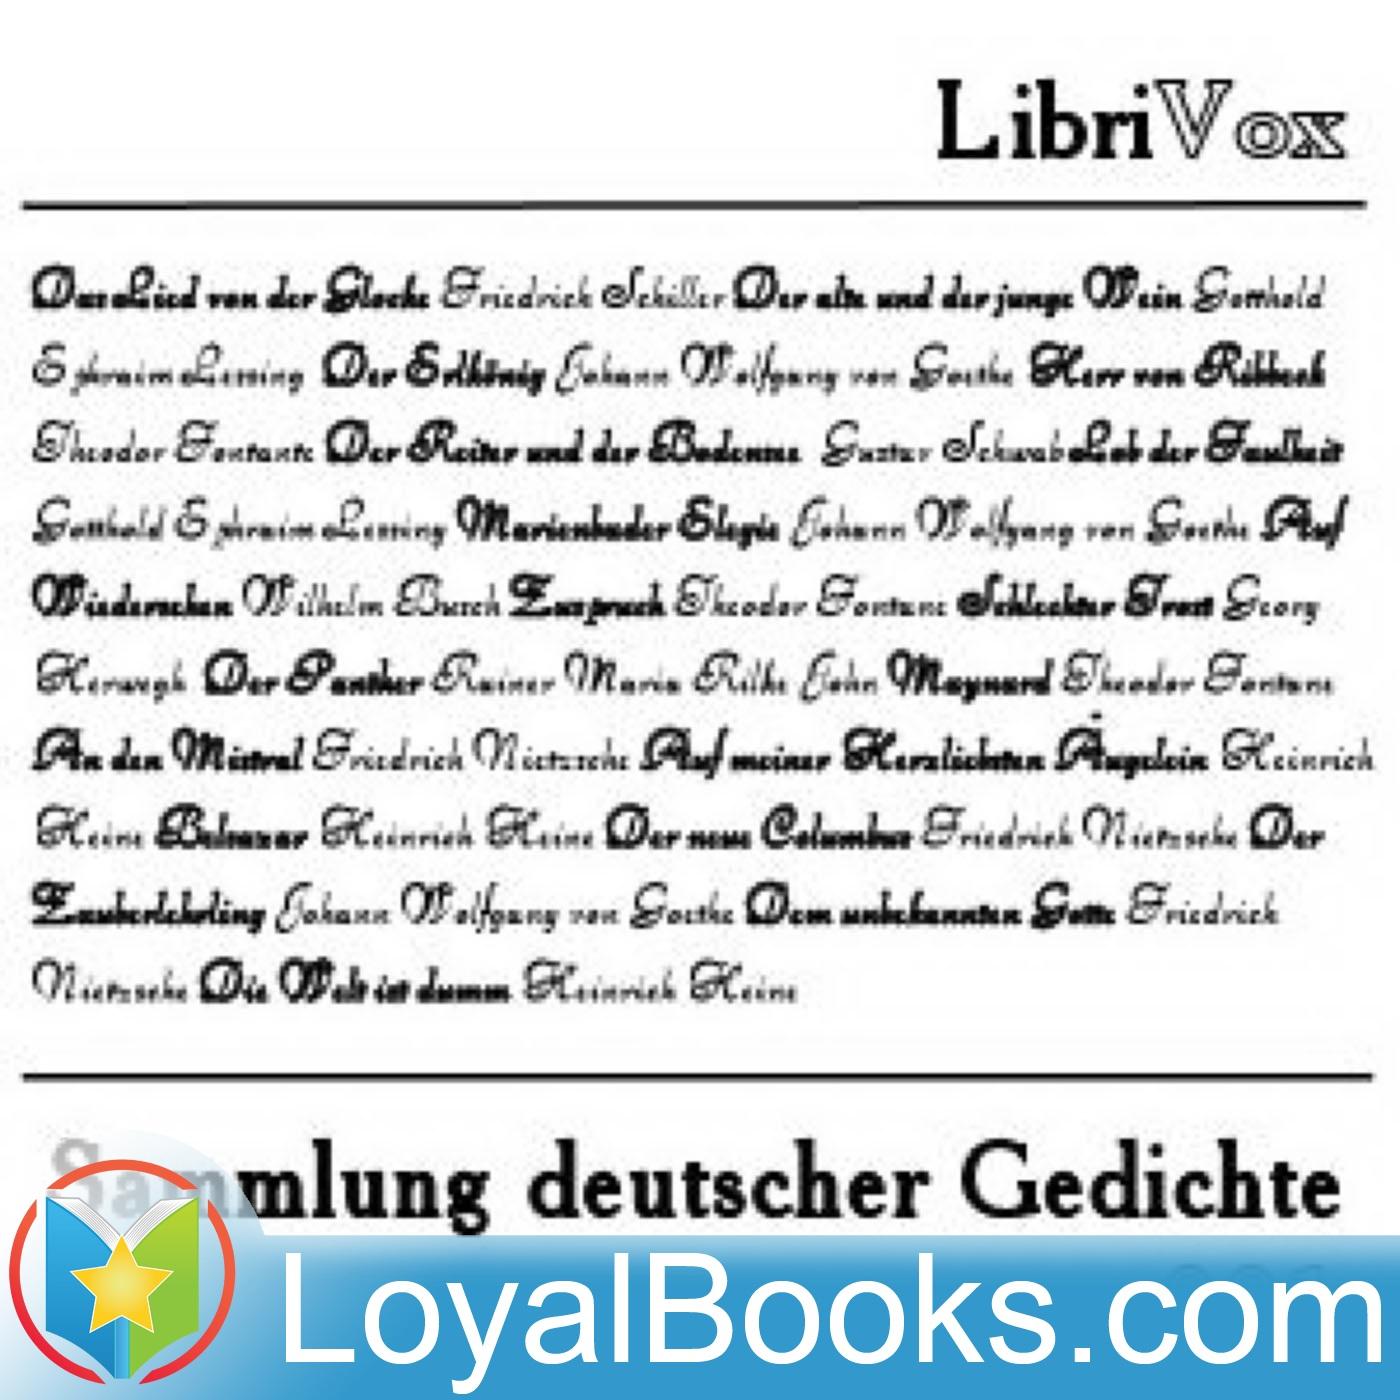 <![CDATA[Sammlung deutscher Gedichte by Various]]>